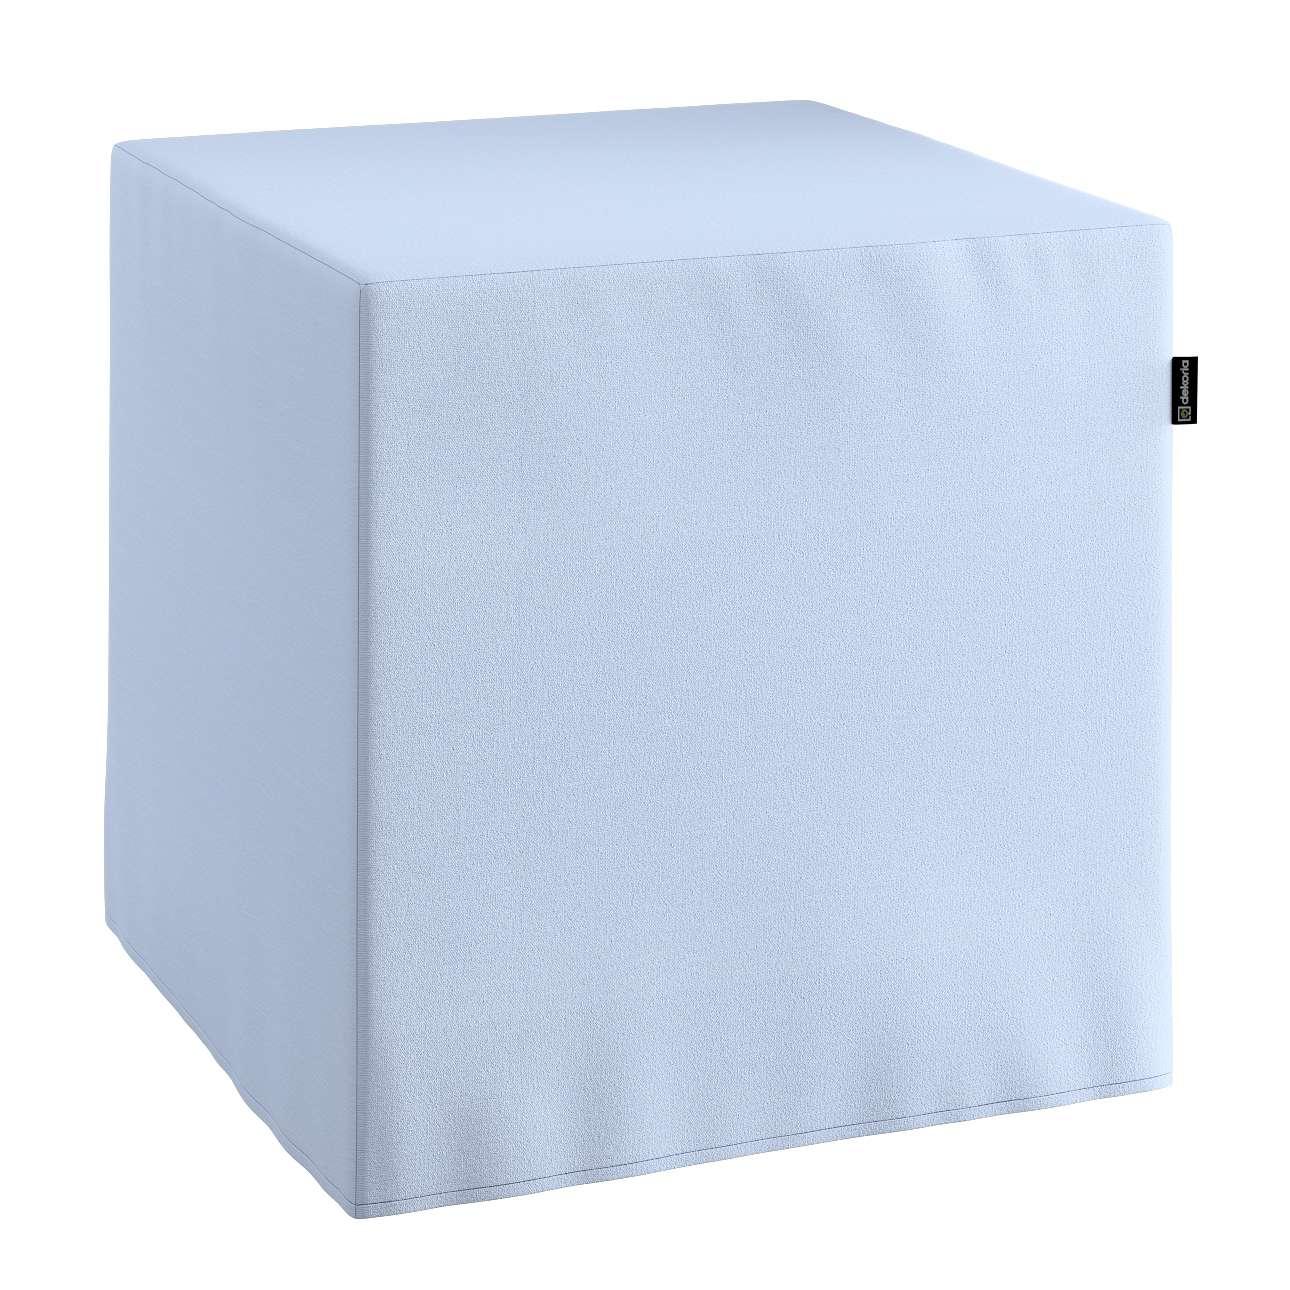 Pokrowiec na pufę kostke kostka 40x40x40 cm w kolekcji Loneta, tkanina: 133-35